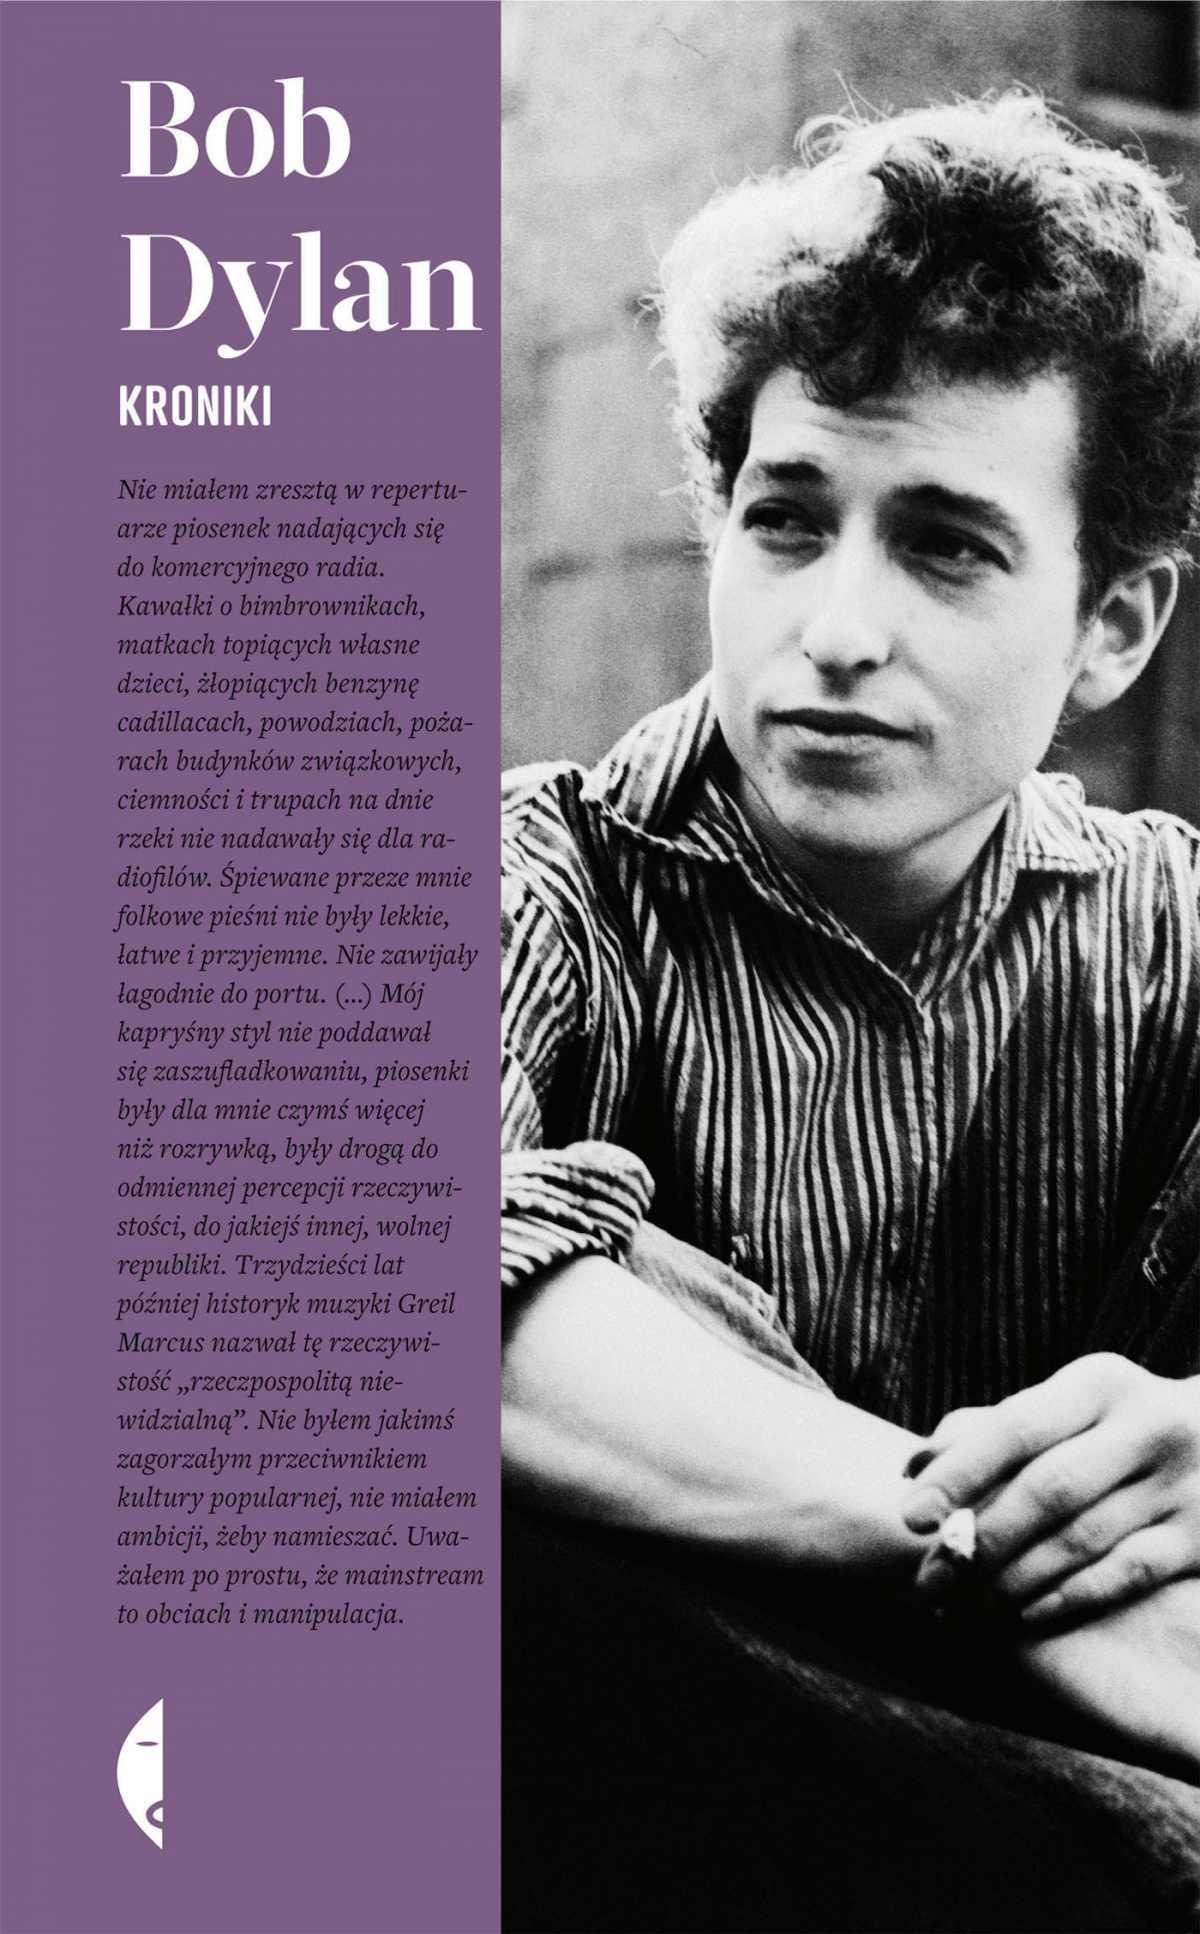 Kroniki - Ebook (Książka EPUB) do pobrania w formacie EPUB